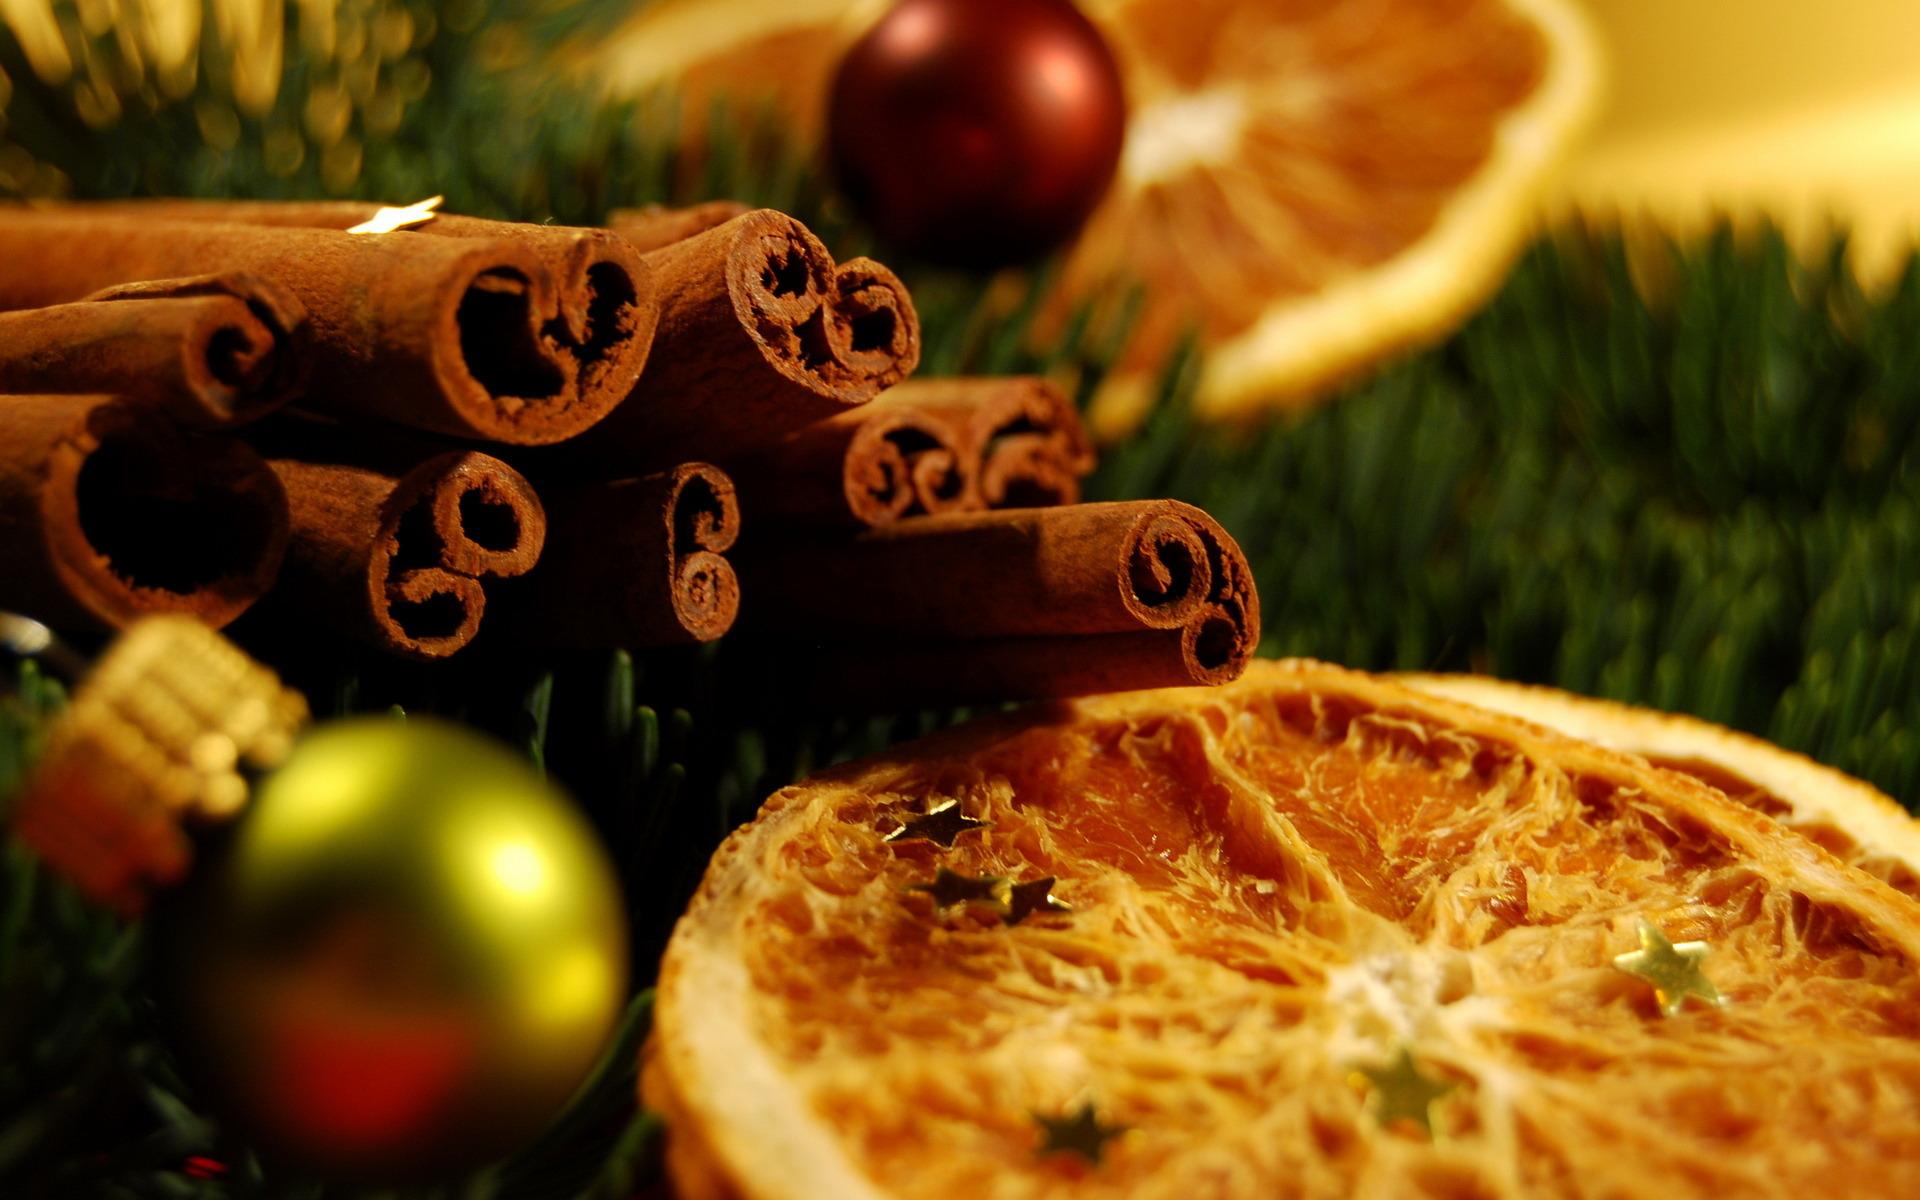 рождественское настроение без смс